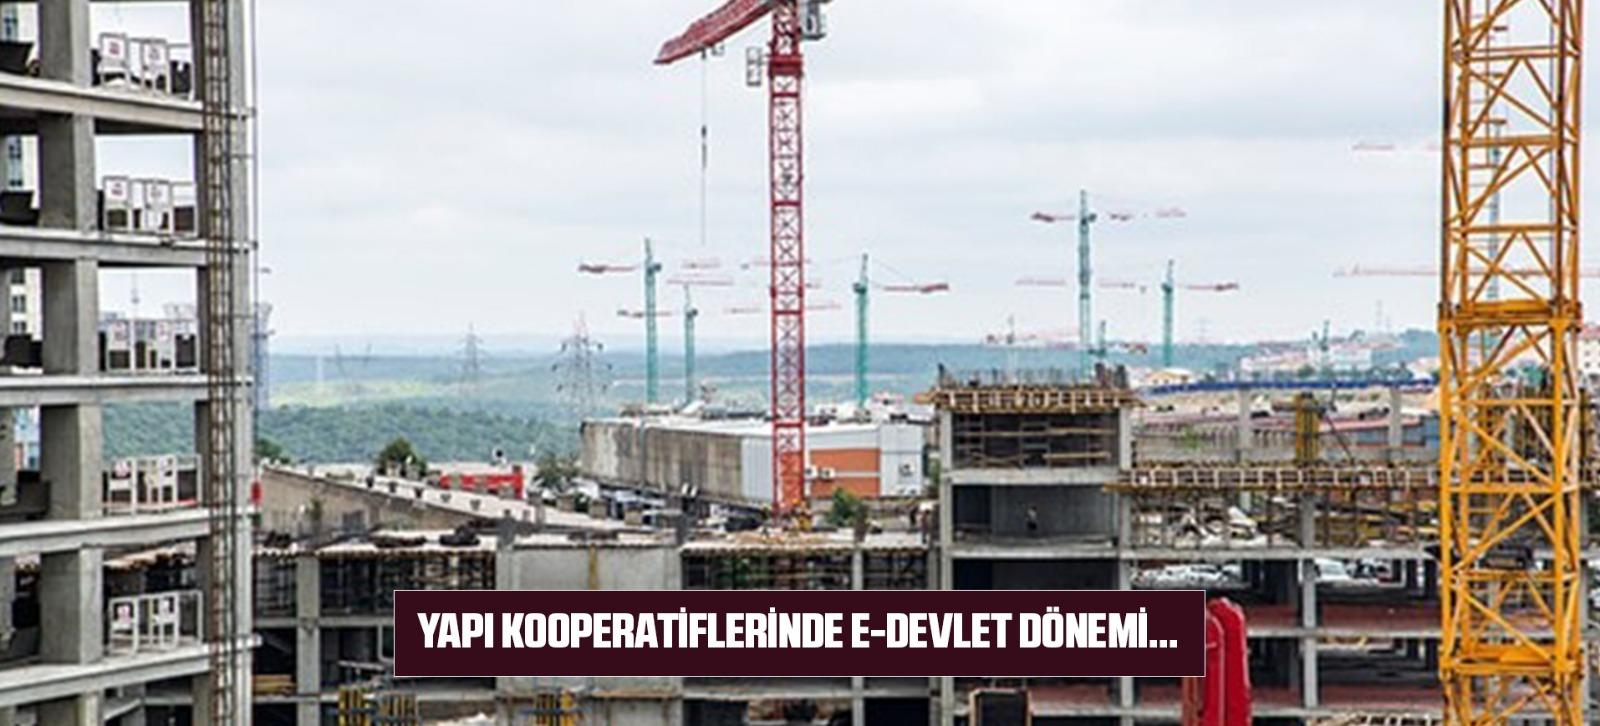 YAPI KOOPERATİFLERİNDE E-DEVLET DÖNEMİ...